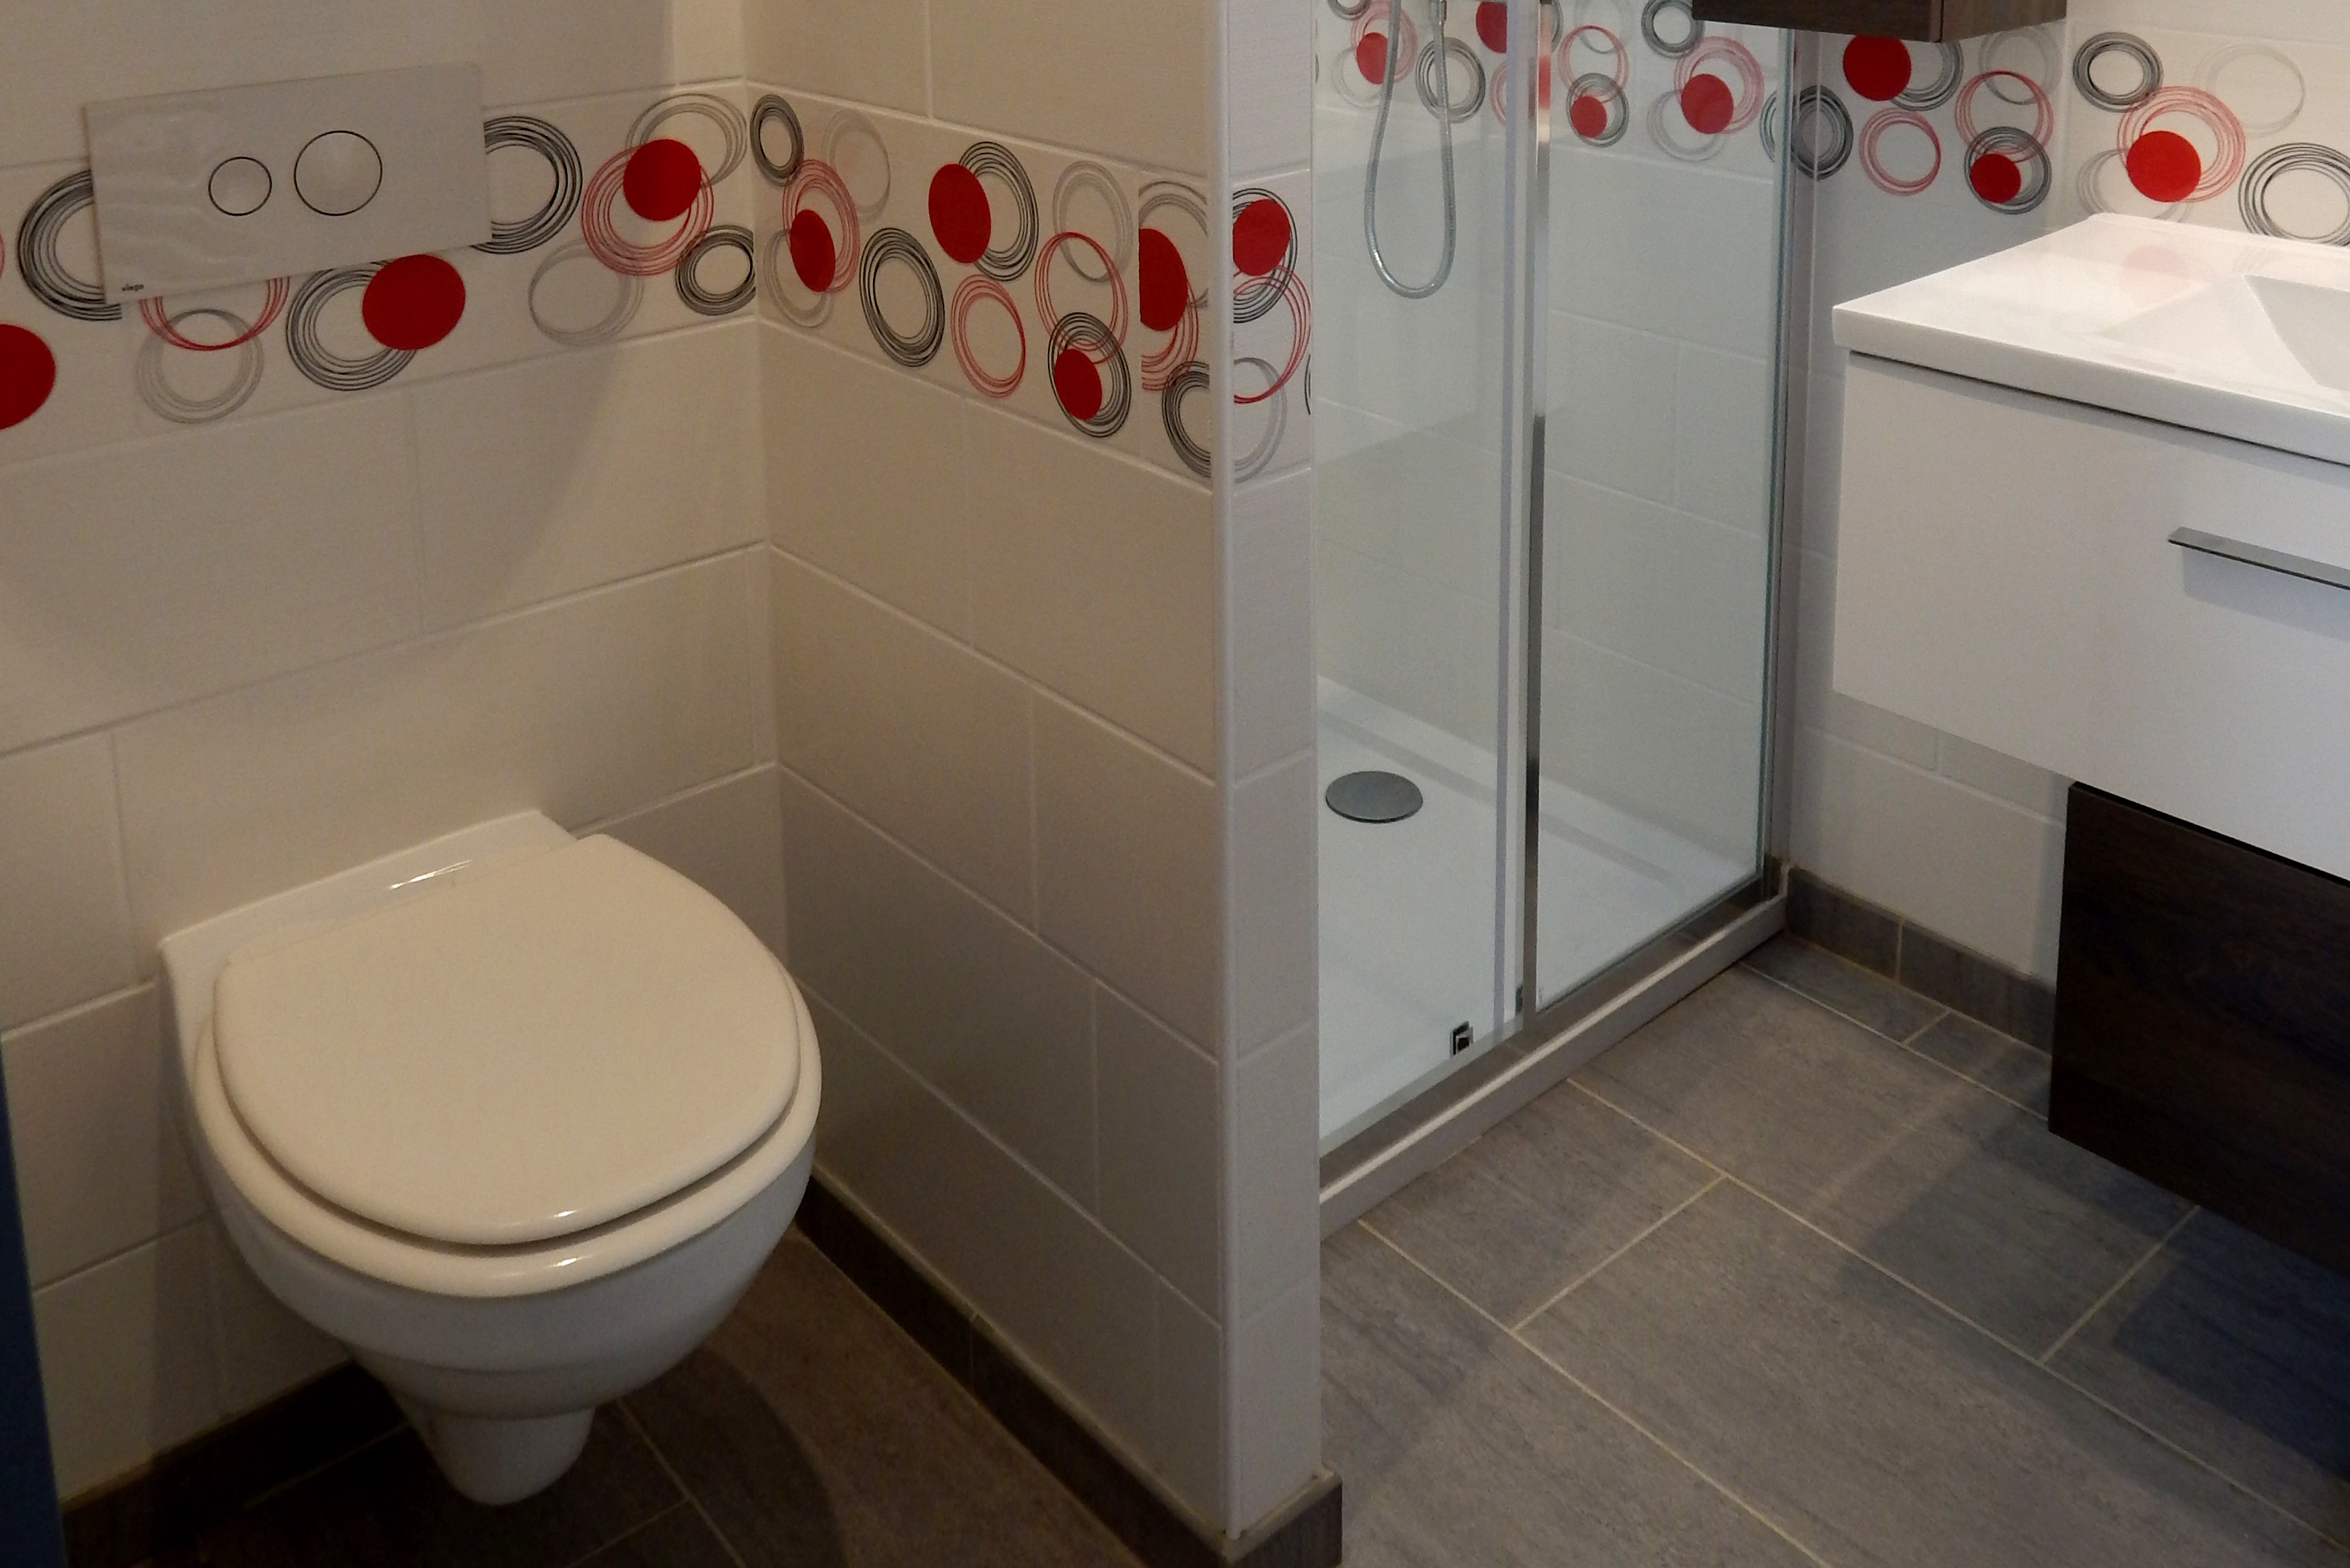 salle d eau petit espace finest toilette et wc suspendu petit espace salle de with salle d eau. Black Bedroom Furniture Sets. Home Design Ideas